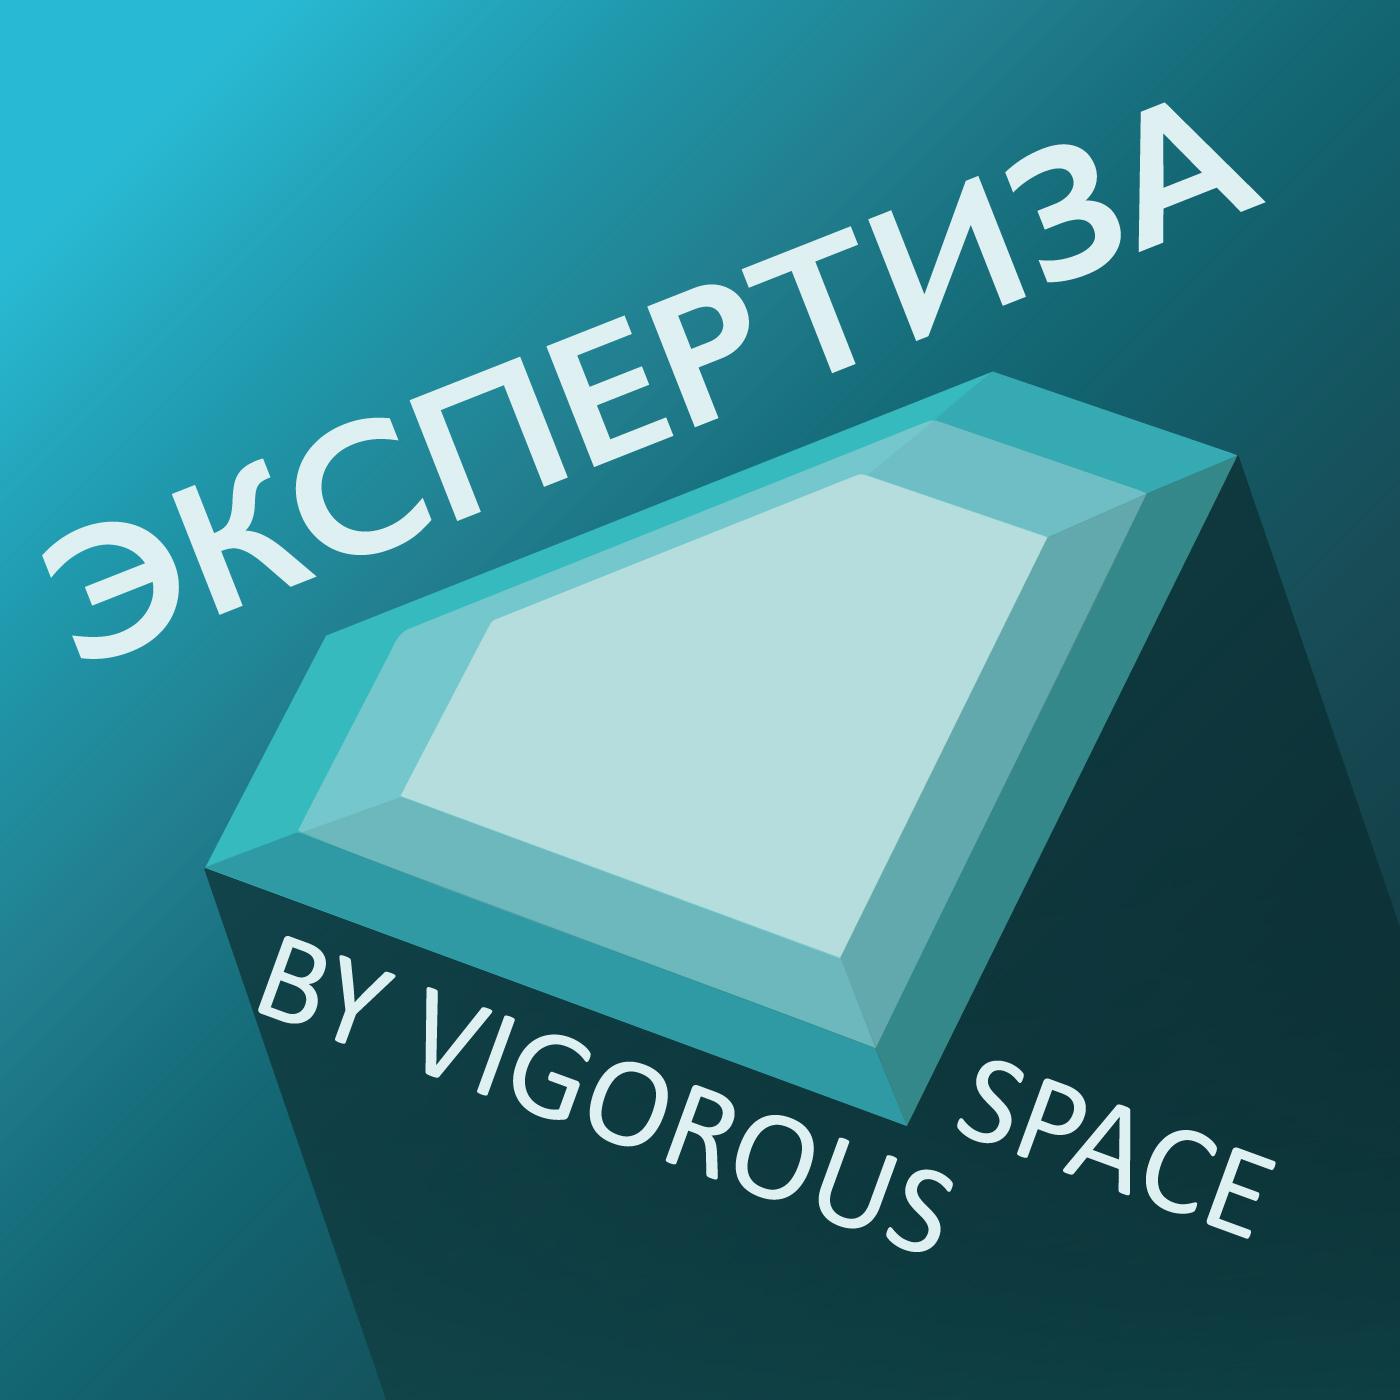 Expertise_VigorousSpace